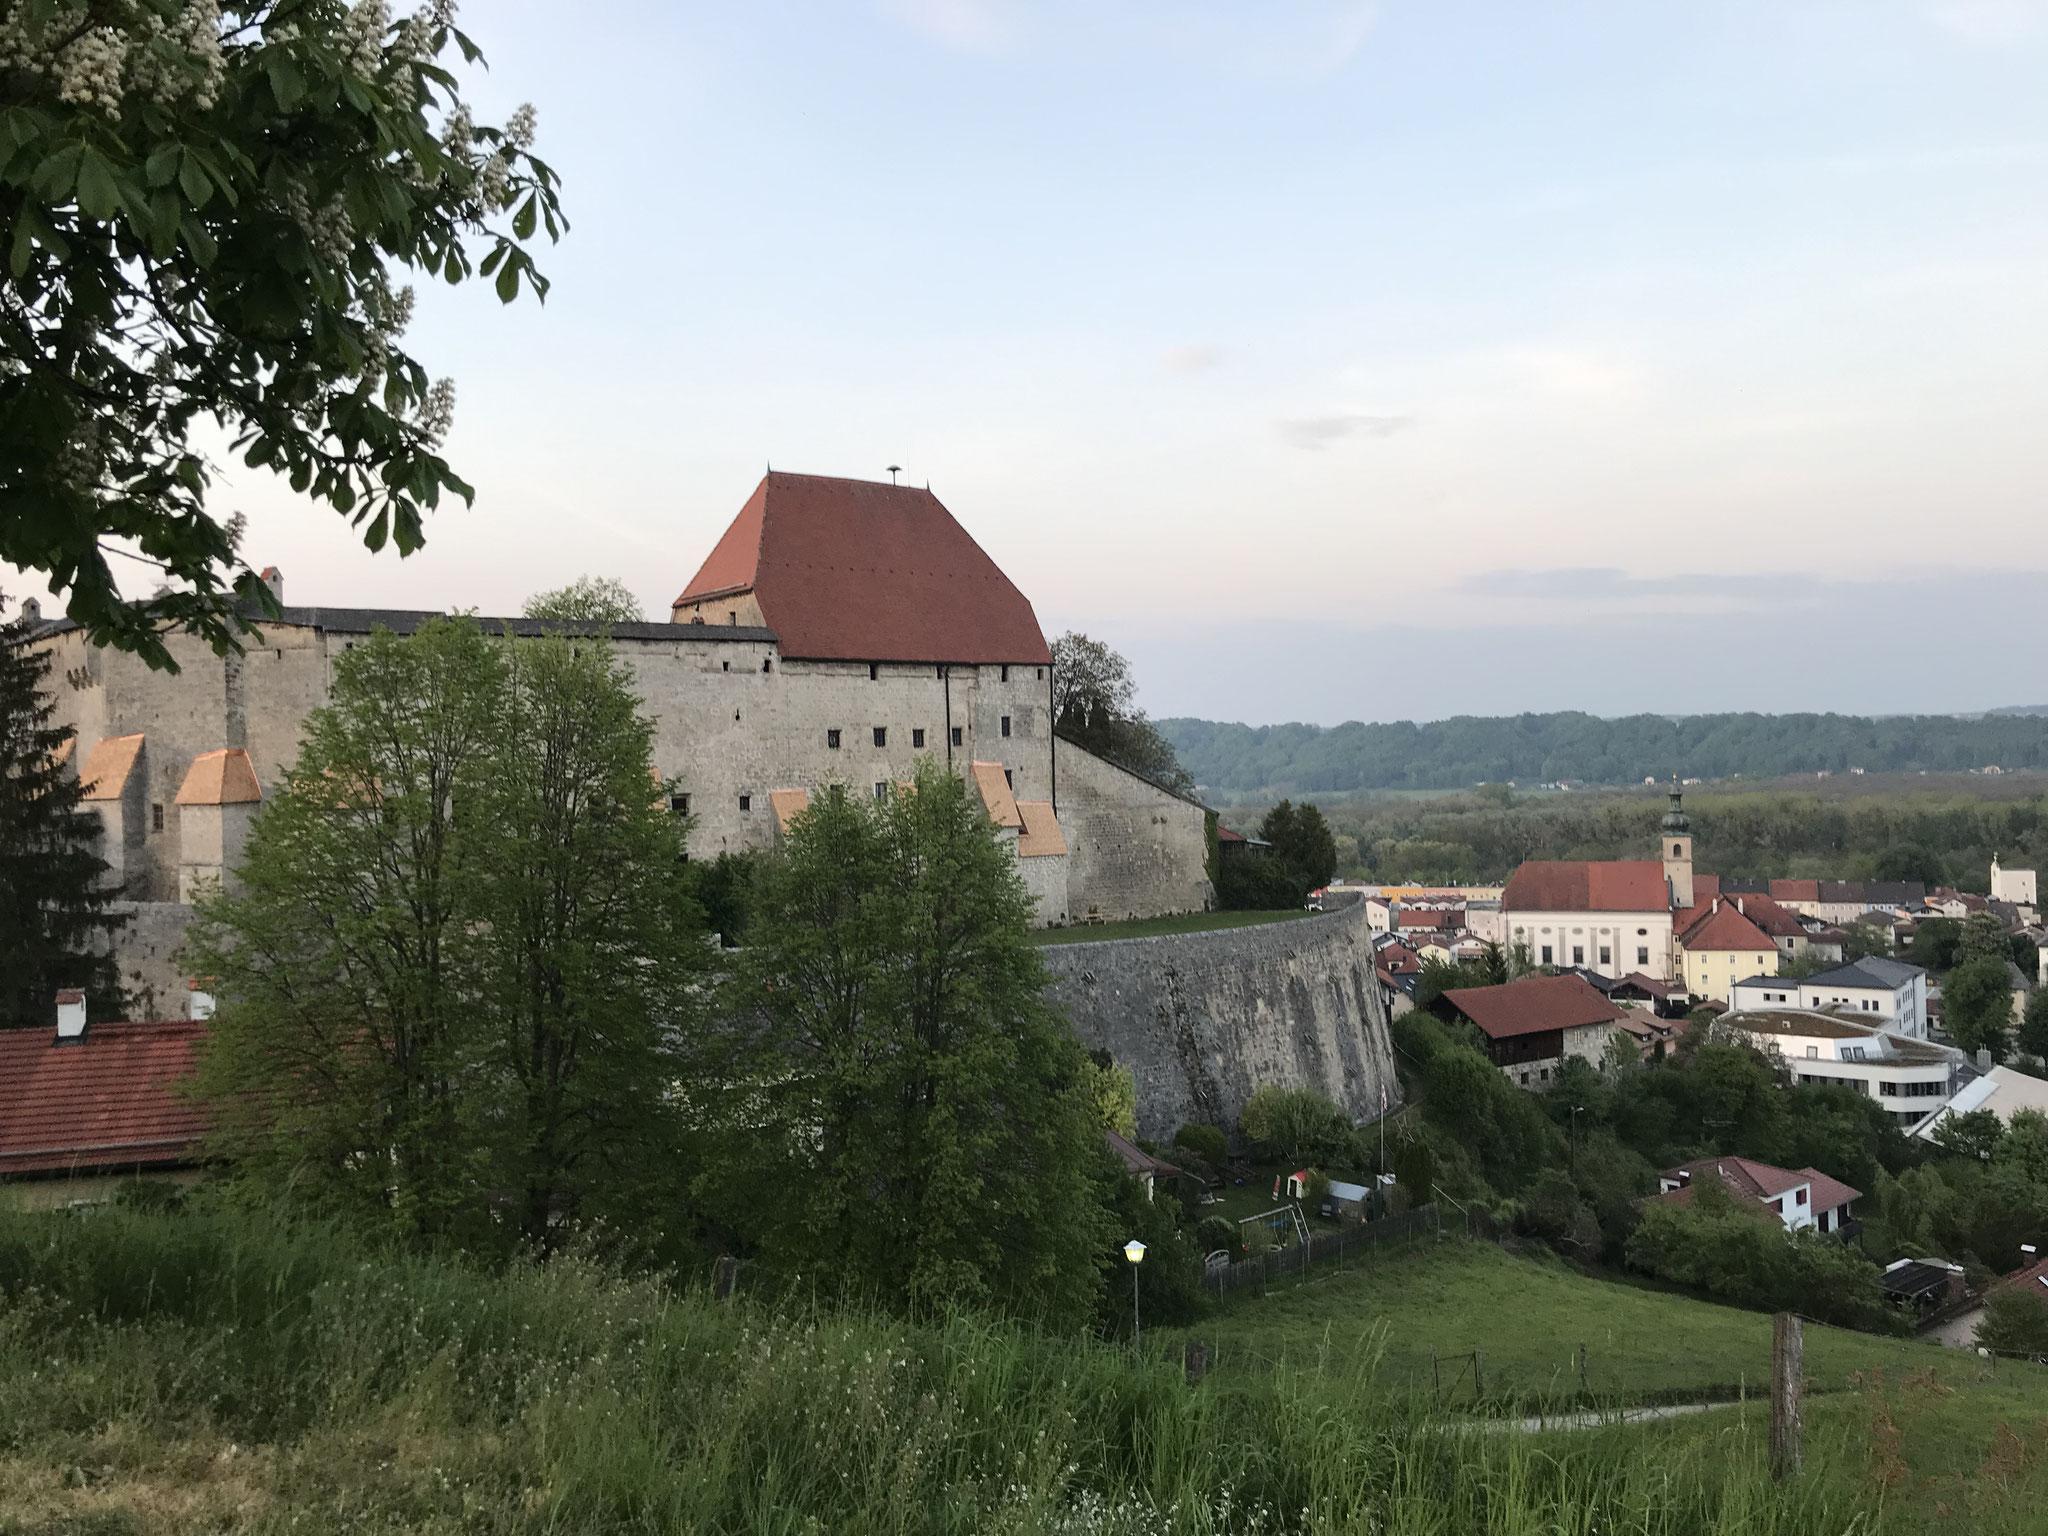 (c) Museum Burg Golling